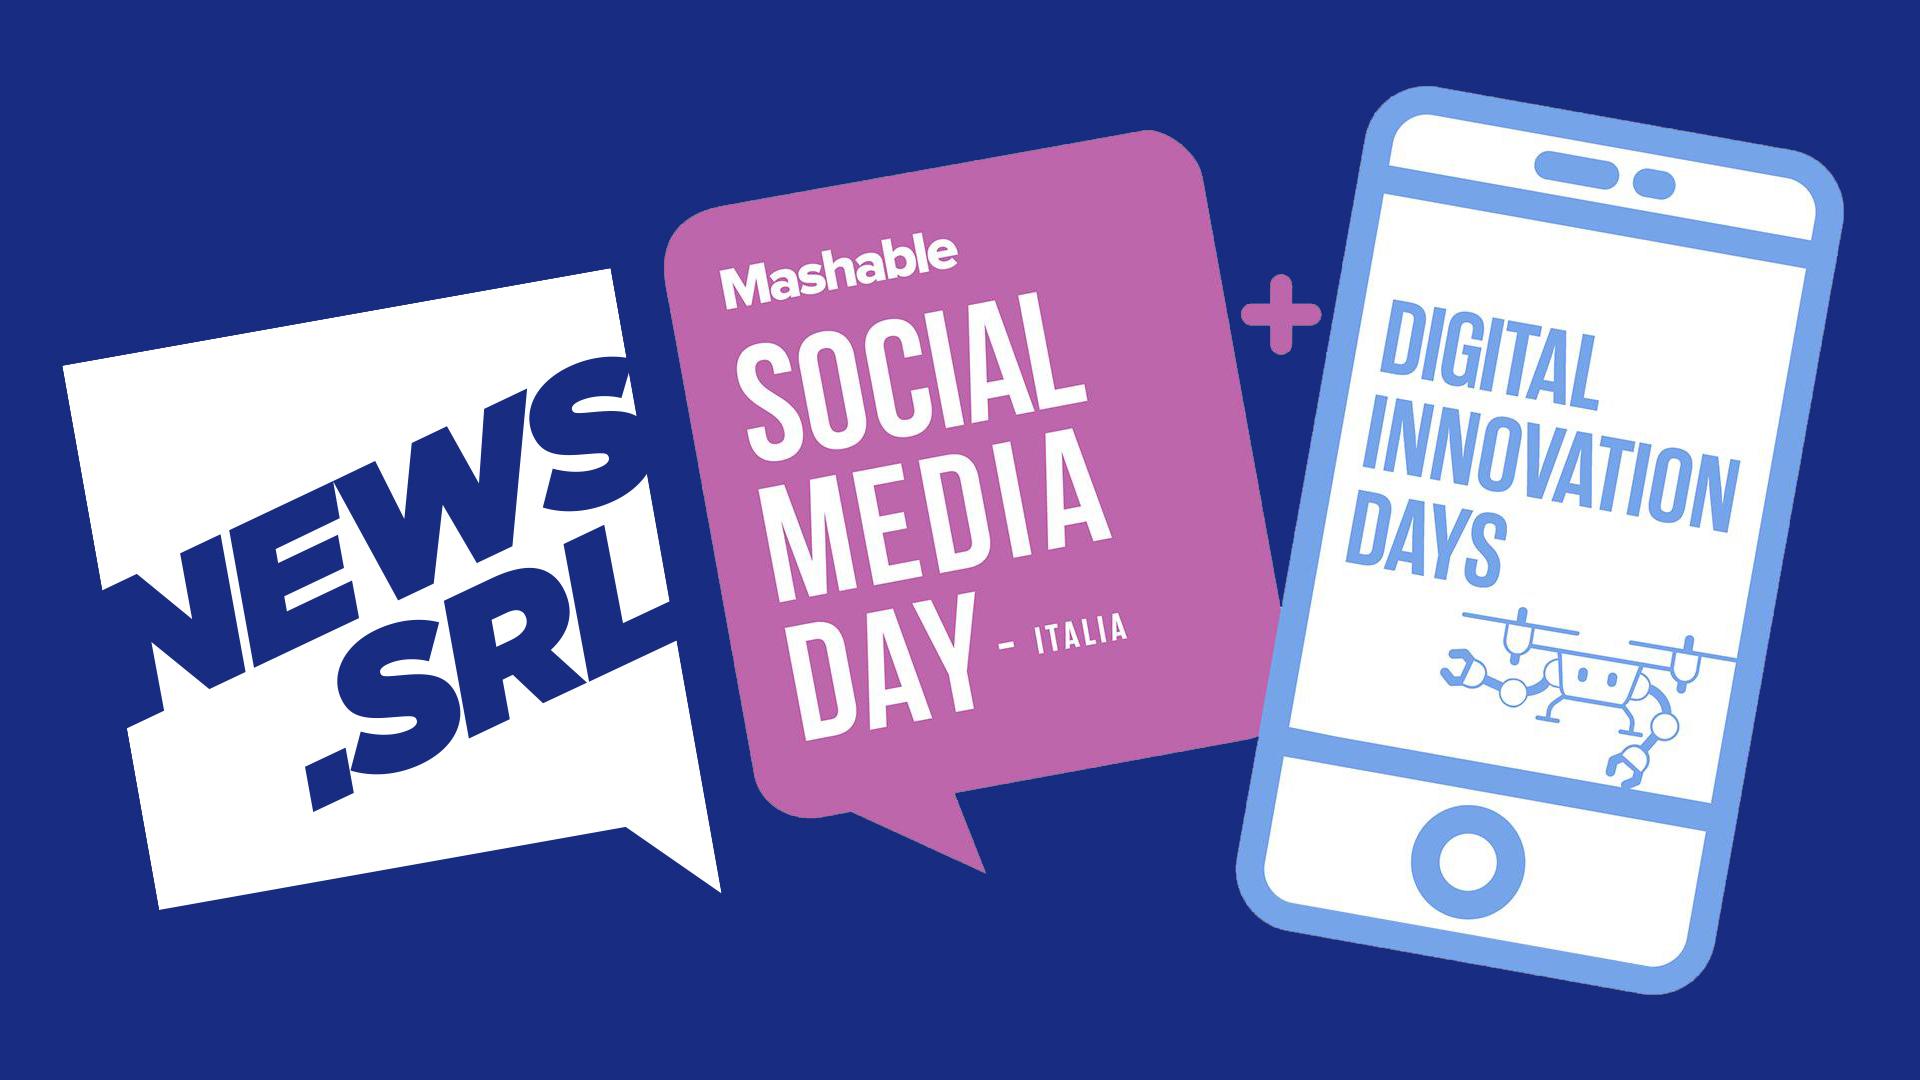 Mashable Social Media Day 2018: in arrivo la quinta edizione | news.srl